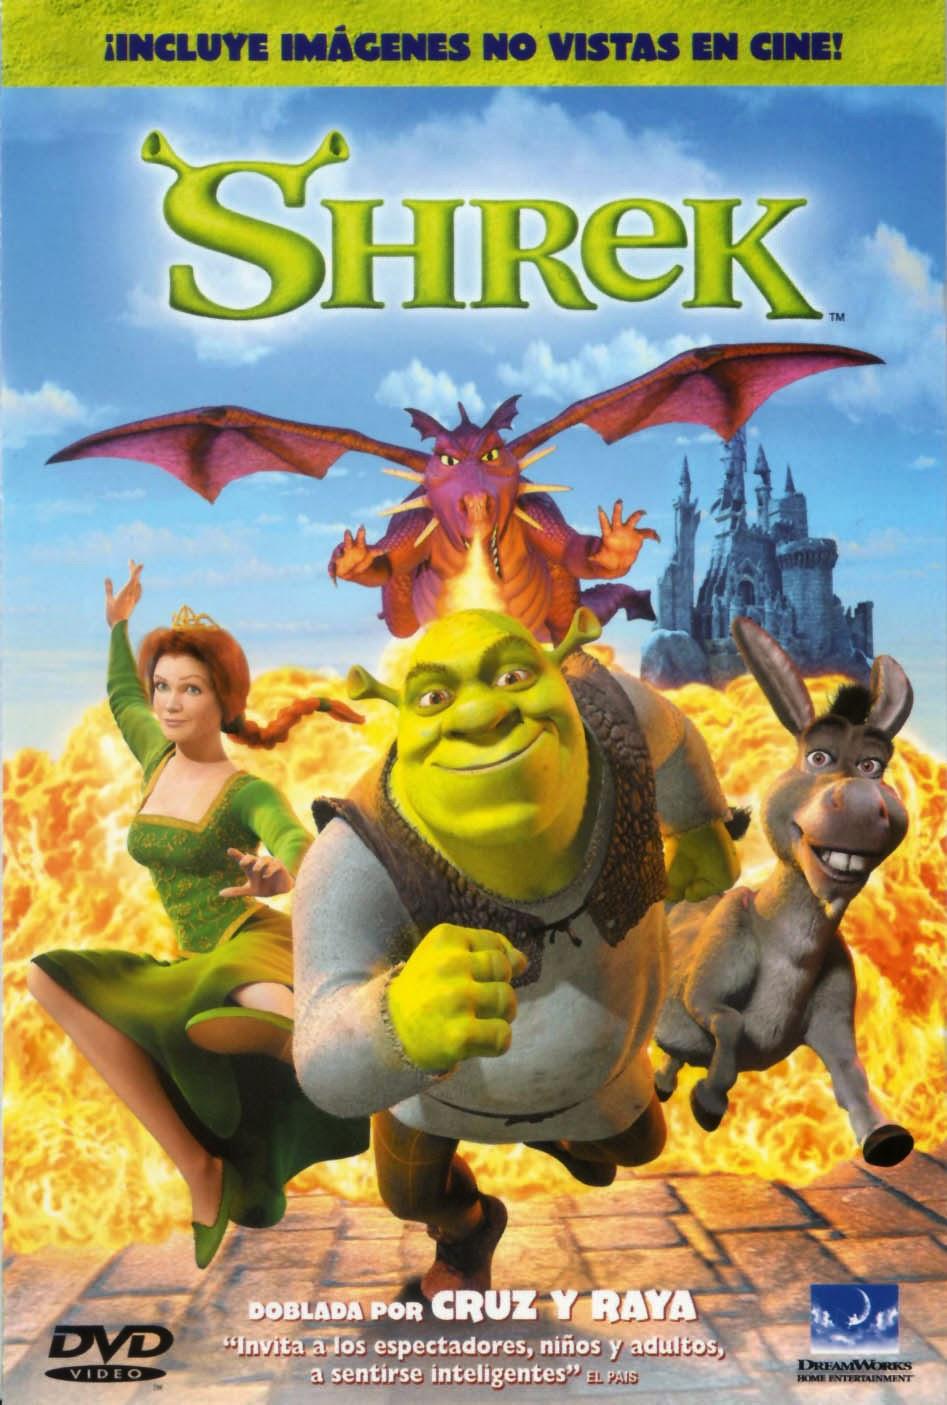 Shrek 1 Streaming